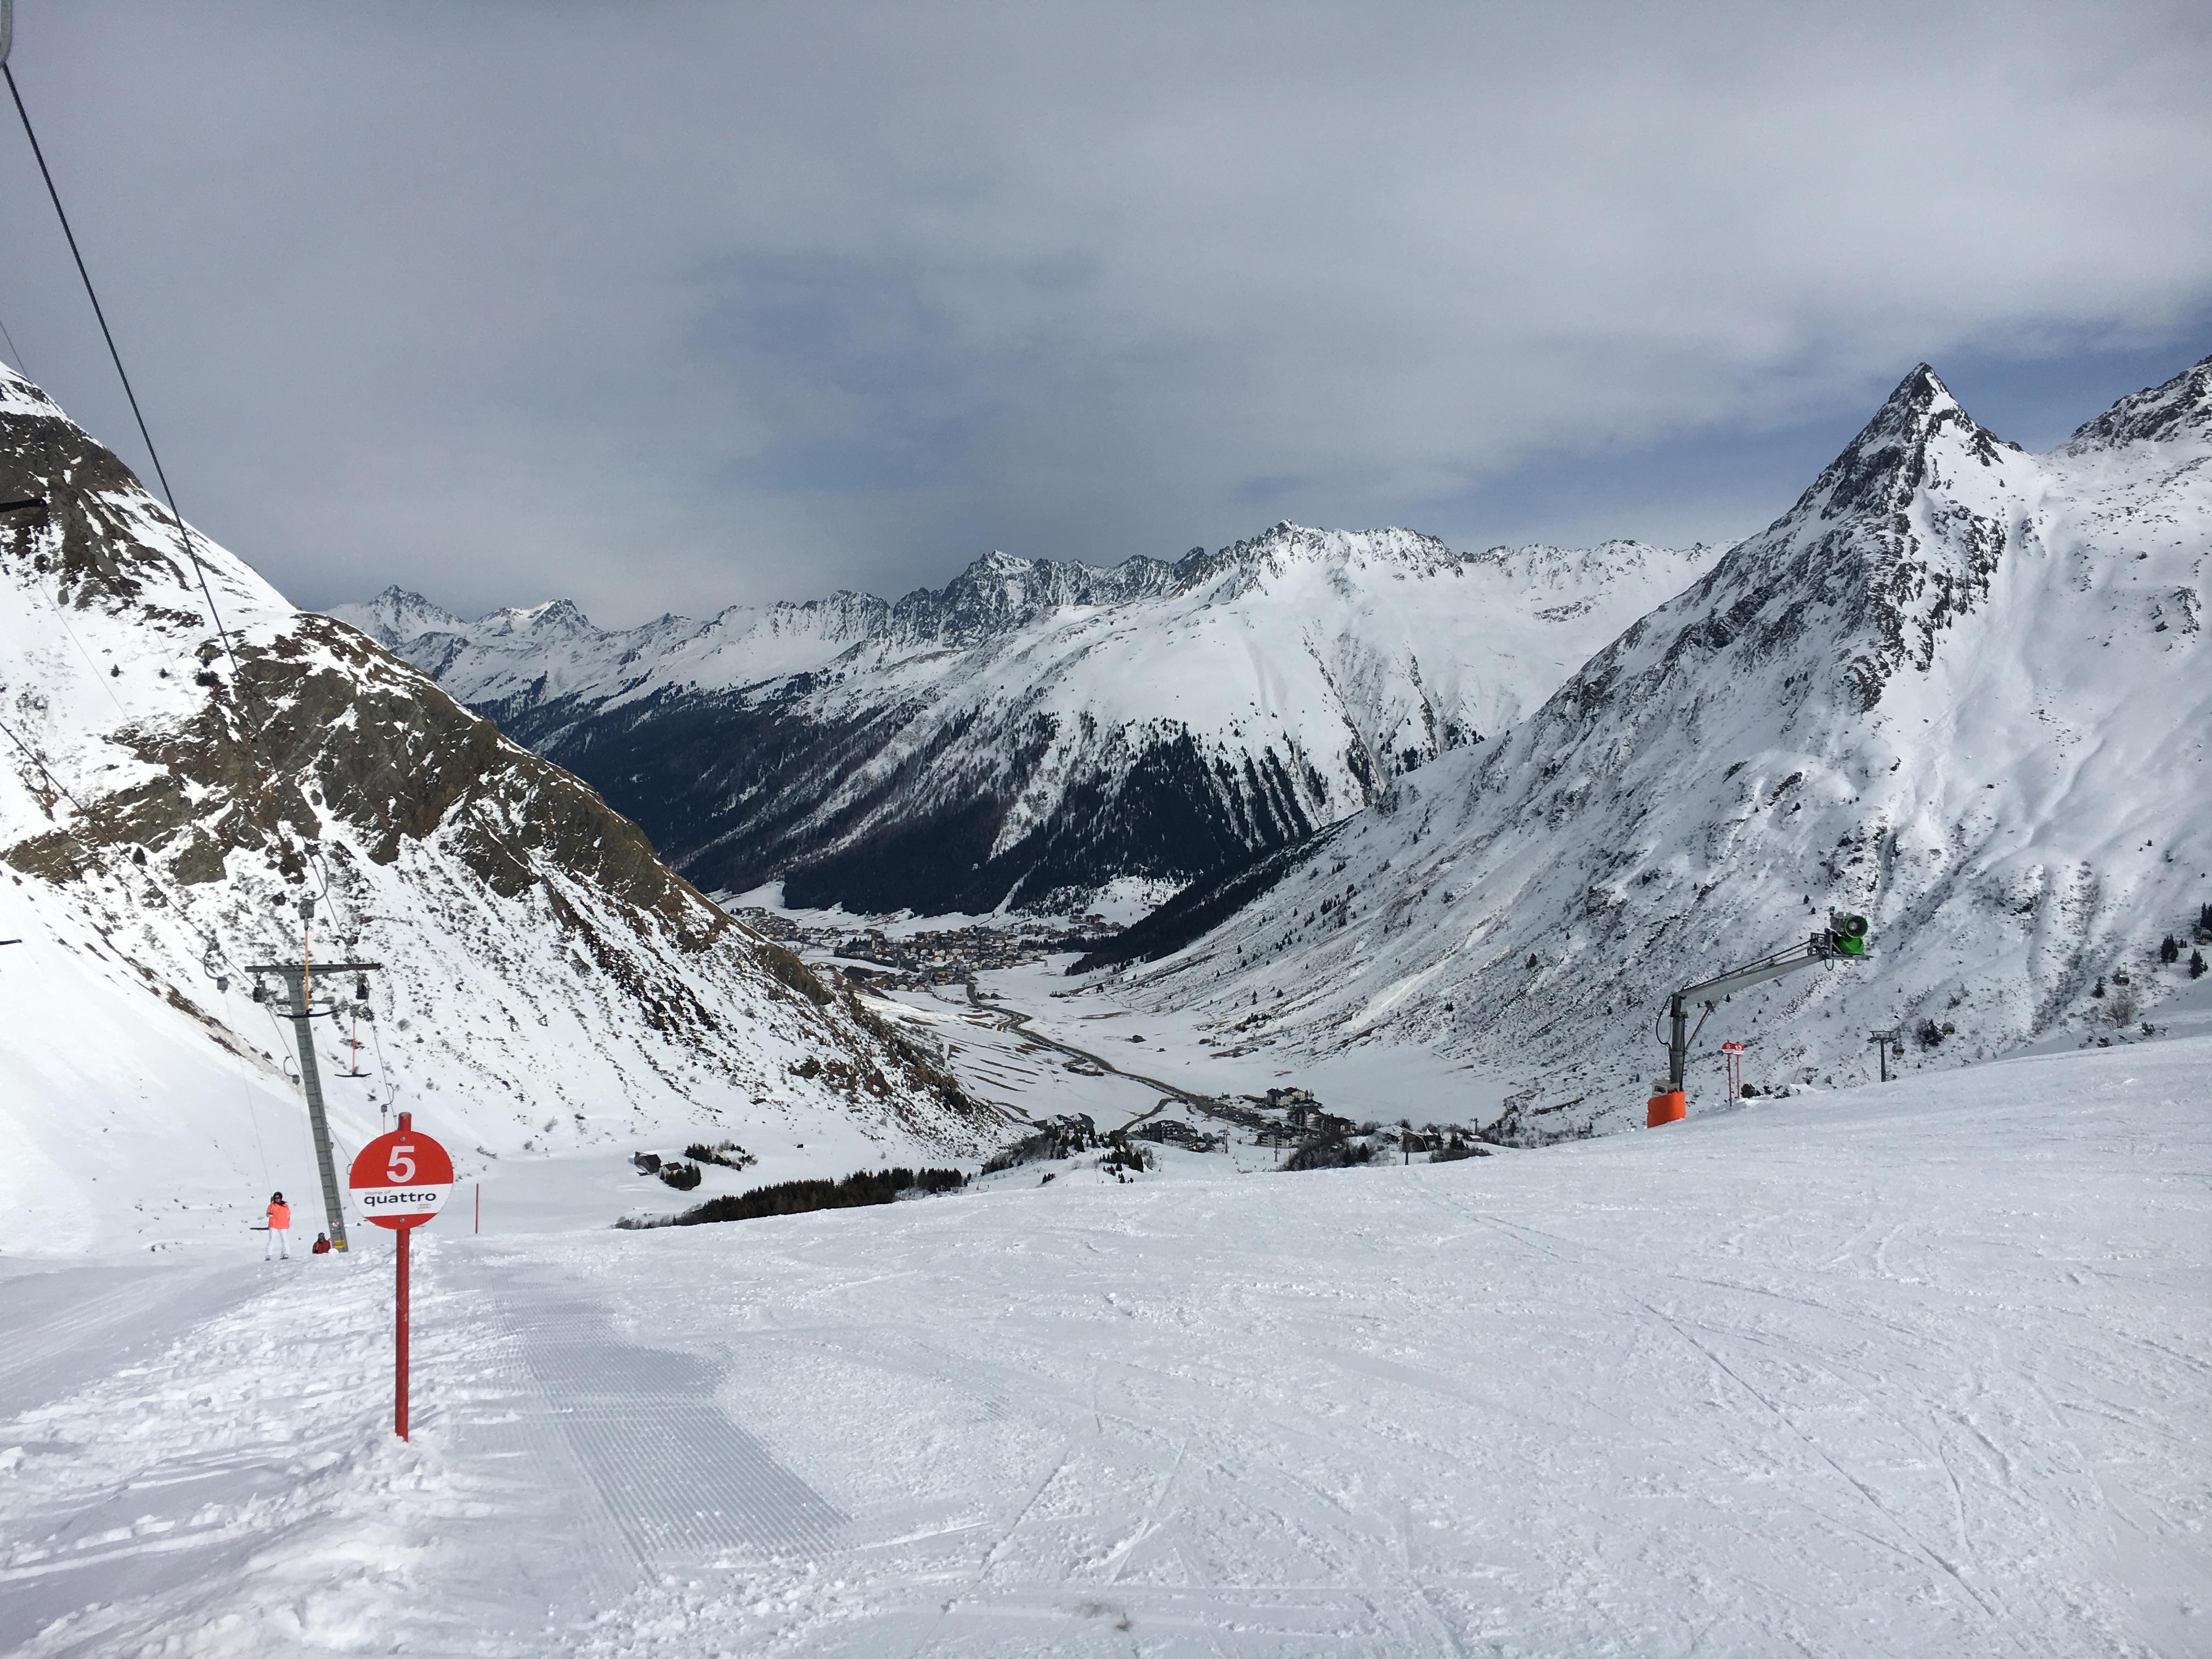 Bis zu 50% Rabatt auf Skiausrüstung bei Skiset